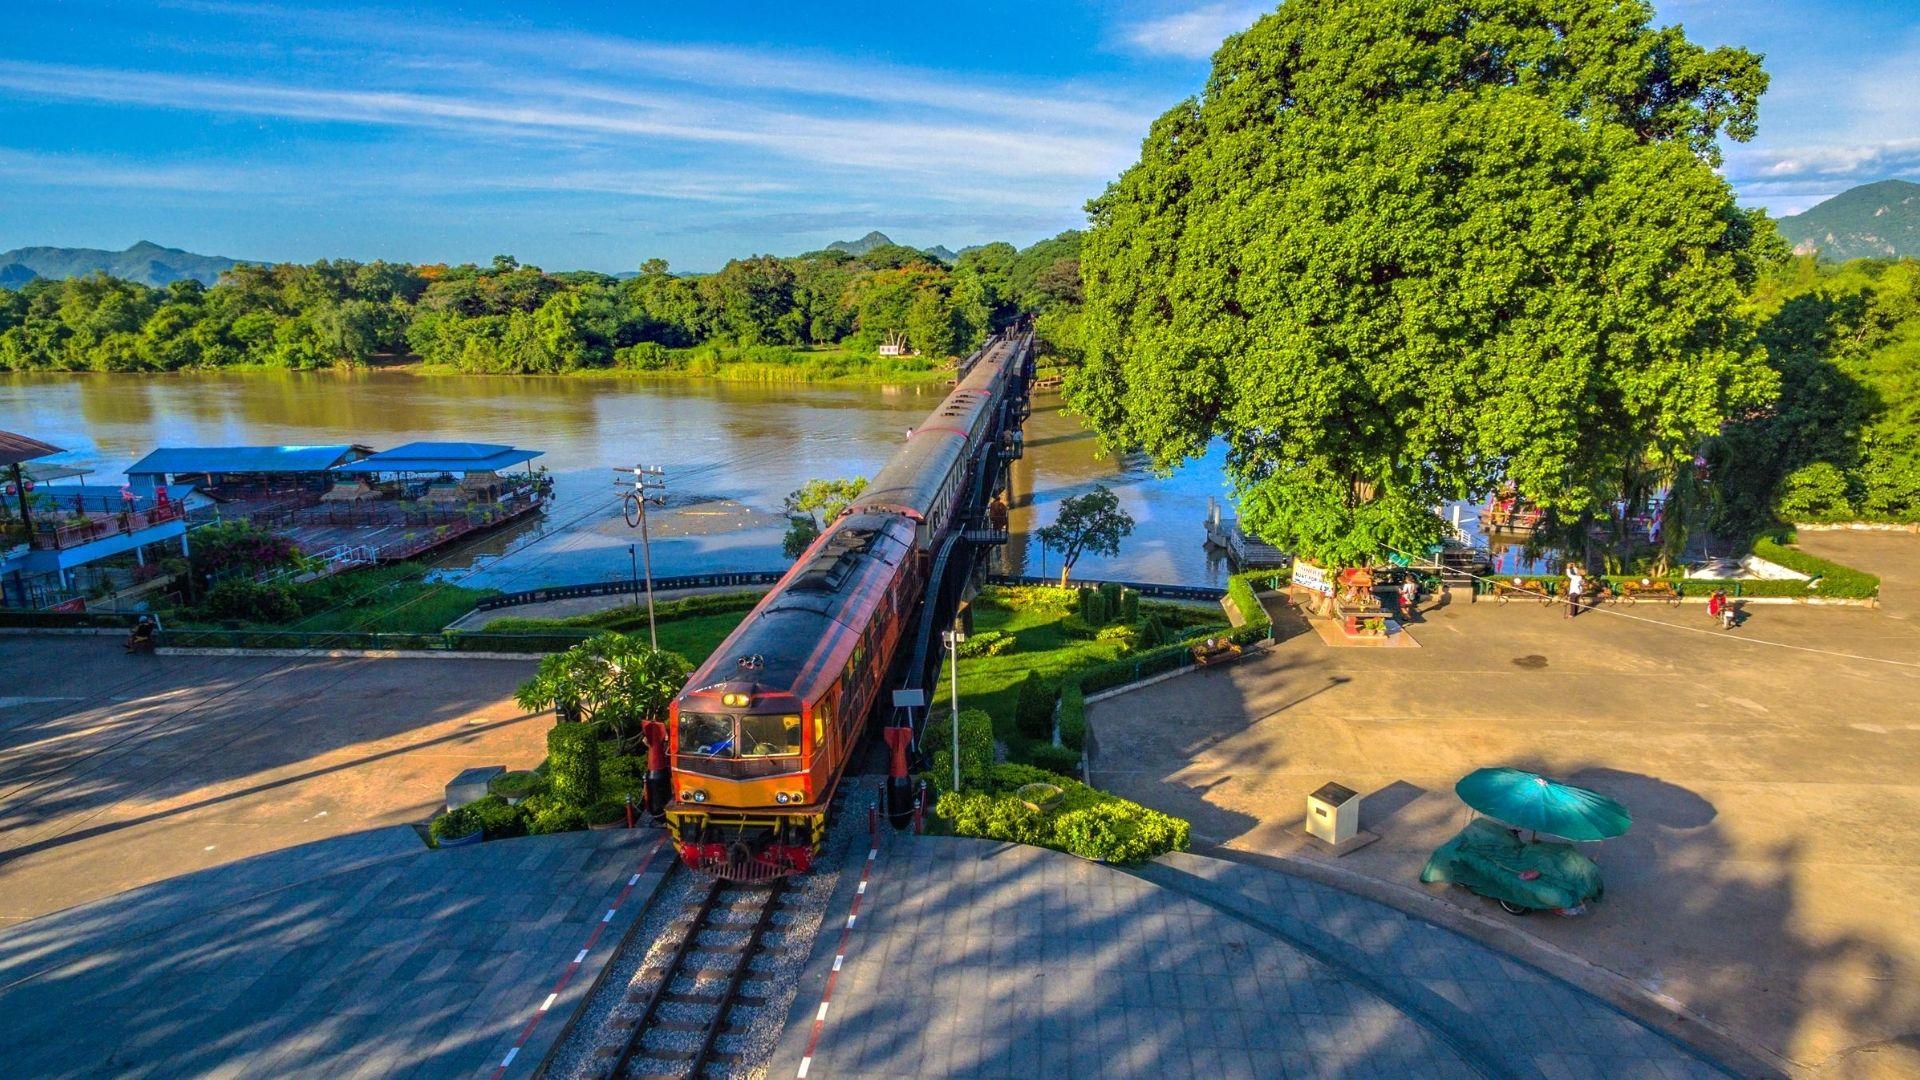 แพ็คเกจกาญจนบุรี 3วัน 2คืน รับส่งโดยรถตู้ เที่ยวแบบ Private ราคาเริ่มต้น 7,500 บาท